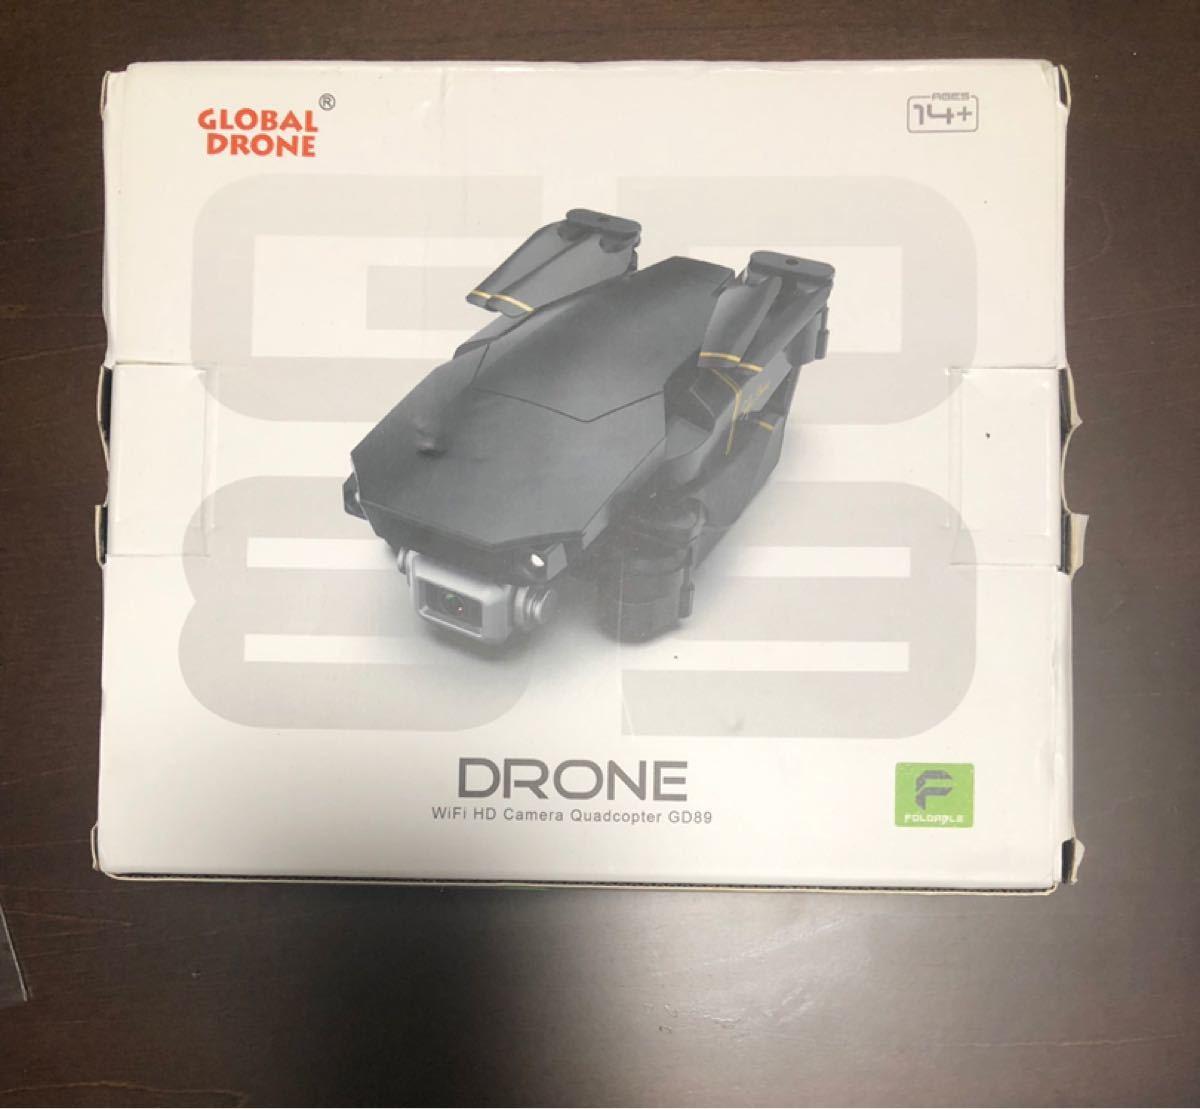 折り畳み式 ドローン フルHD 1080h 新品 未使用 未開封 価格相談ok